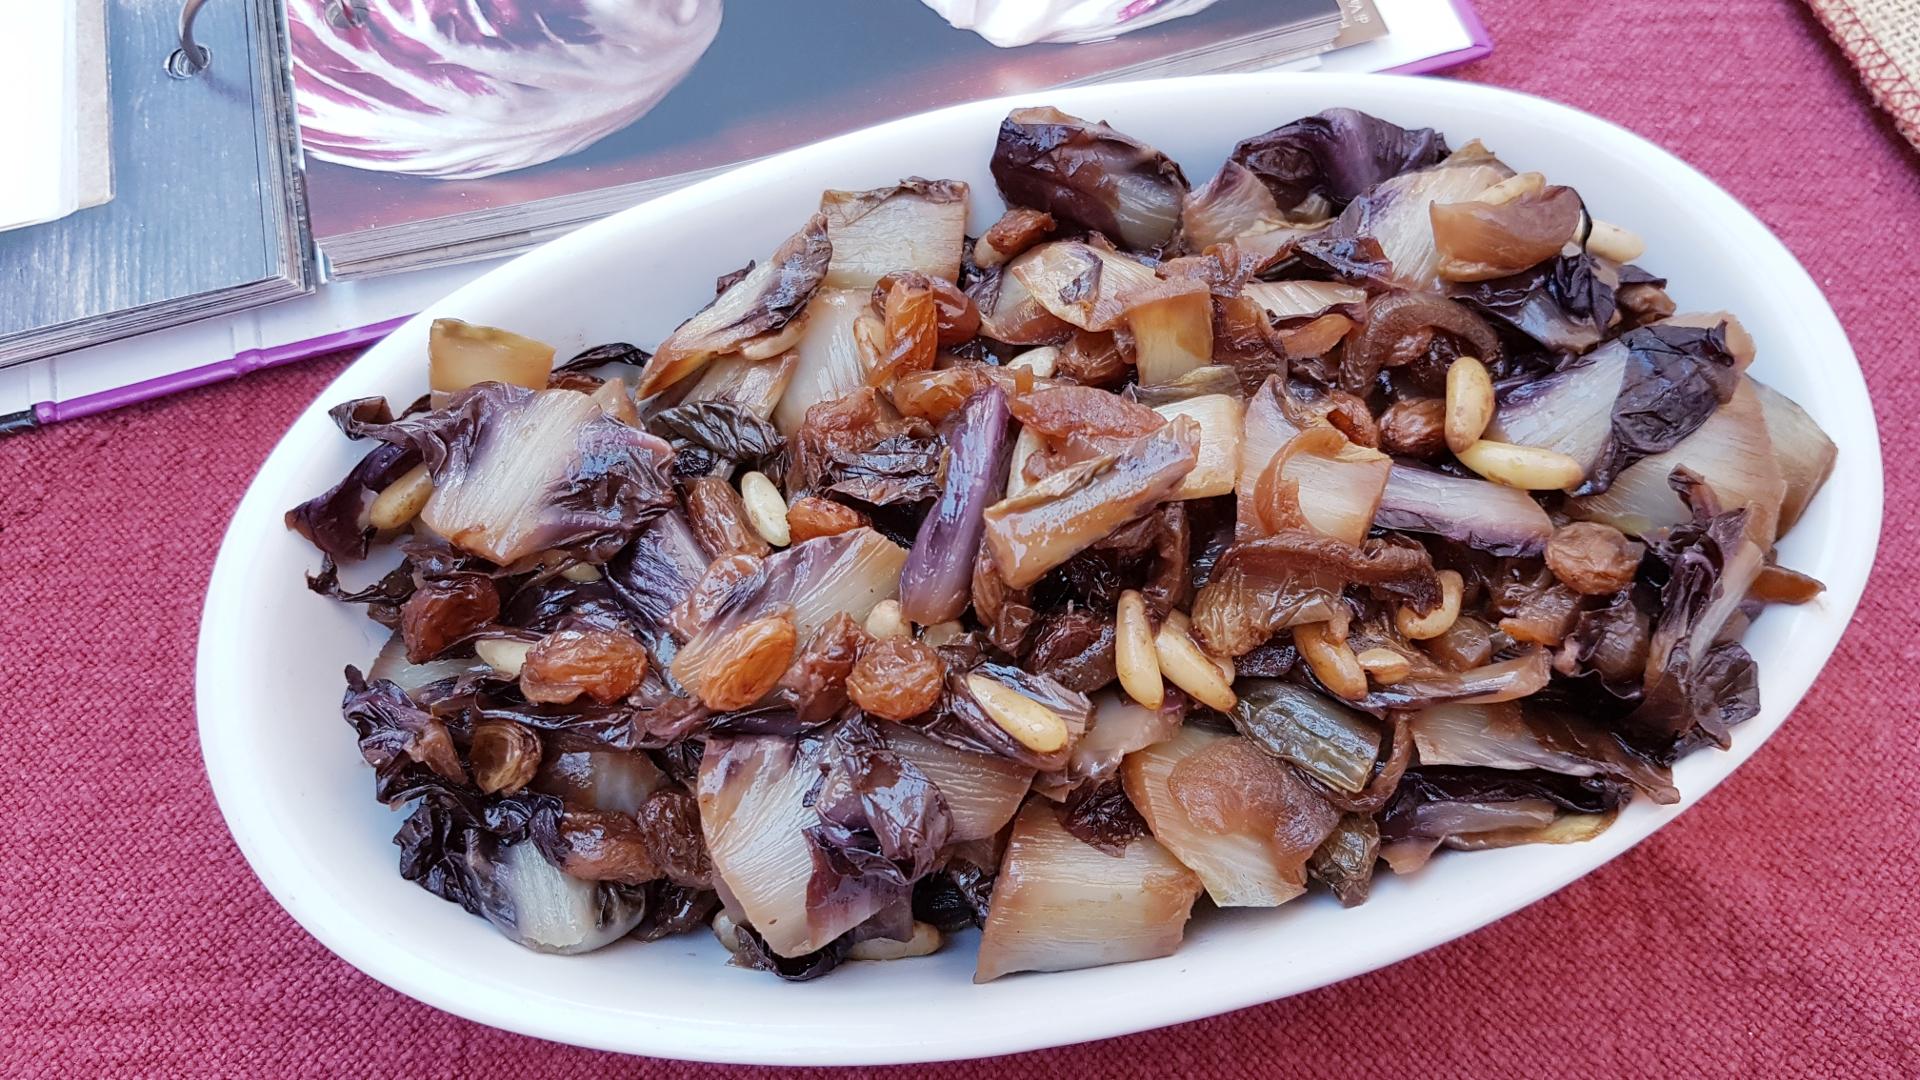 Saor e pinoli per il radicchio: comprare e trattare bene per mangiare bene